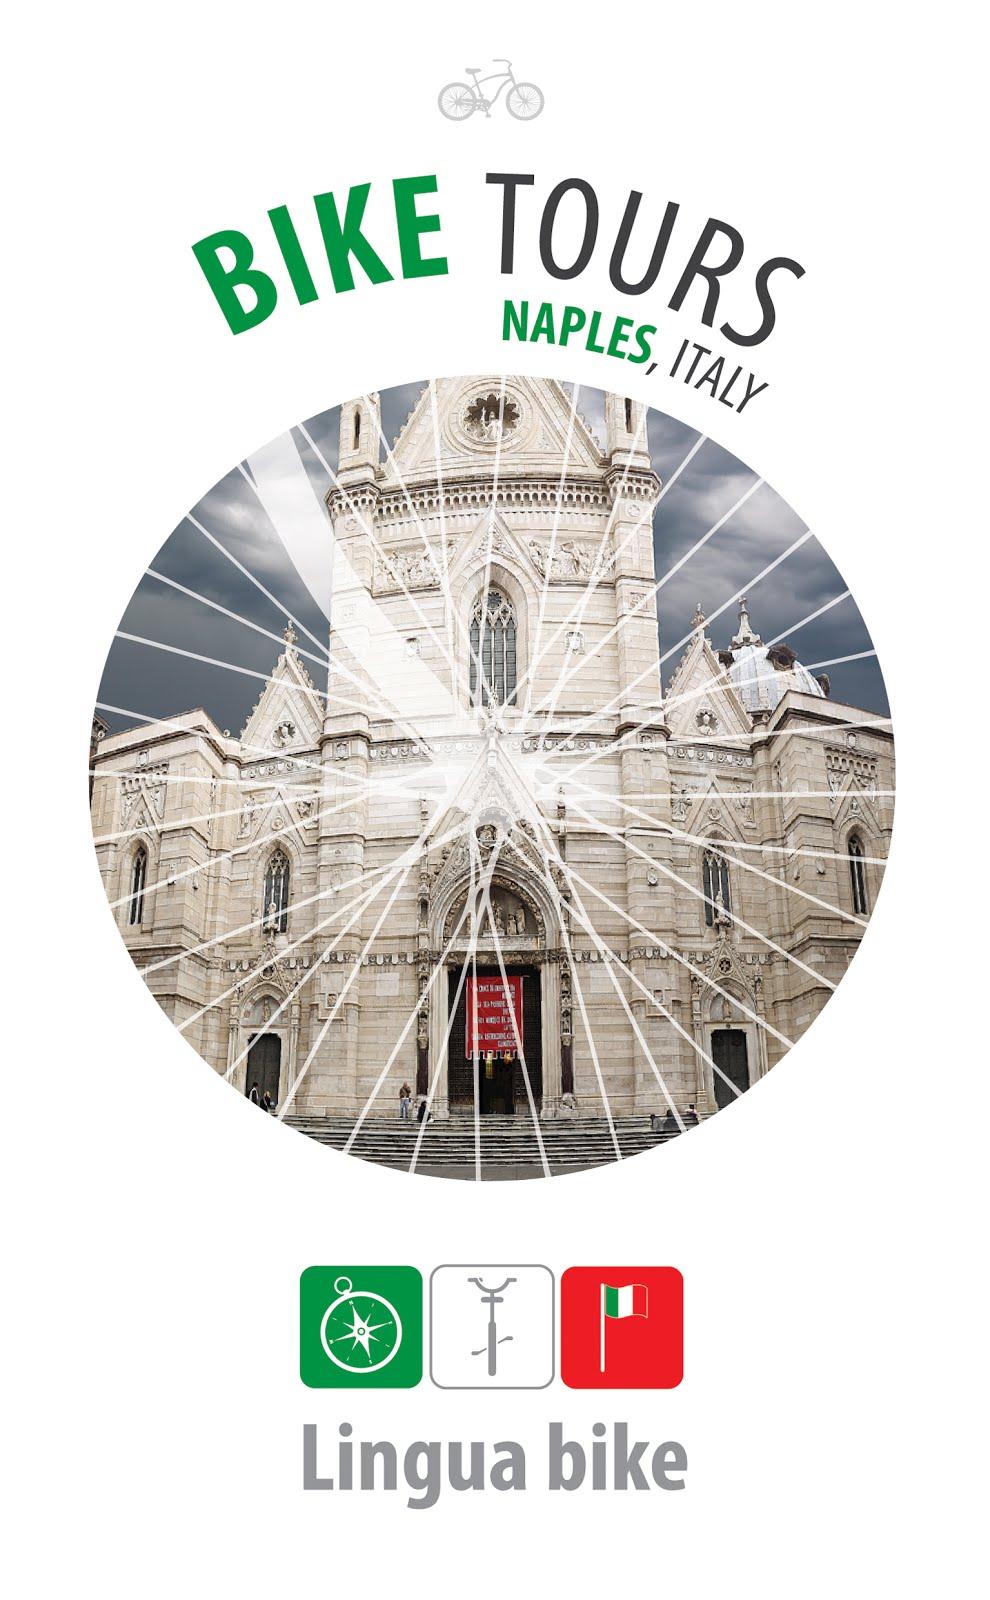 Велоэкскурсии по Неаполю